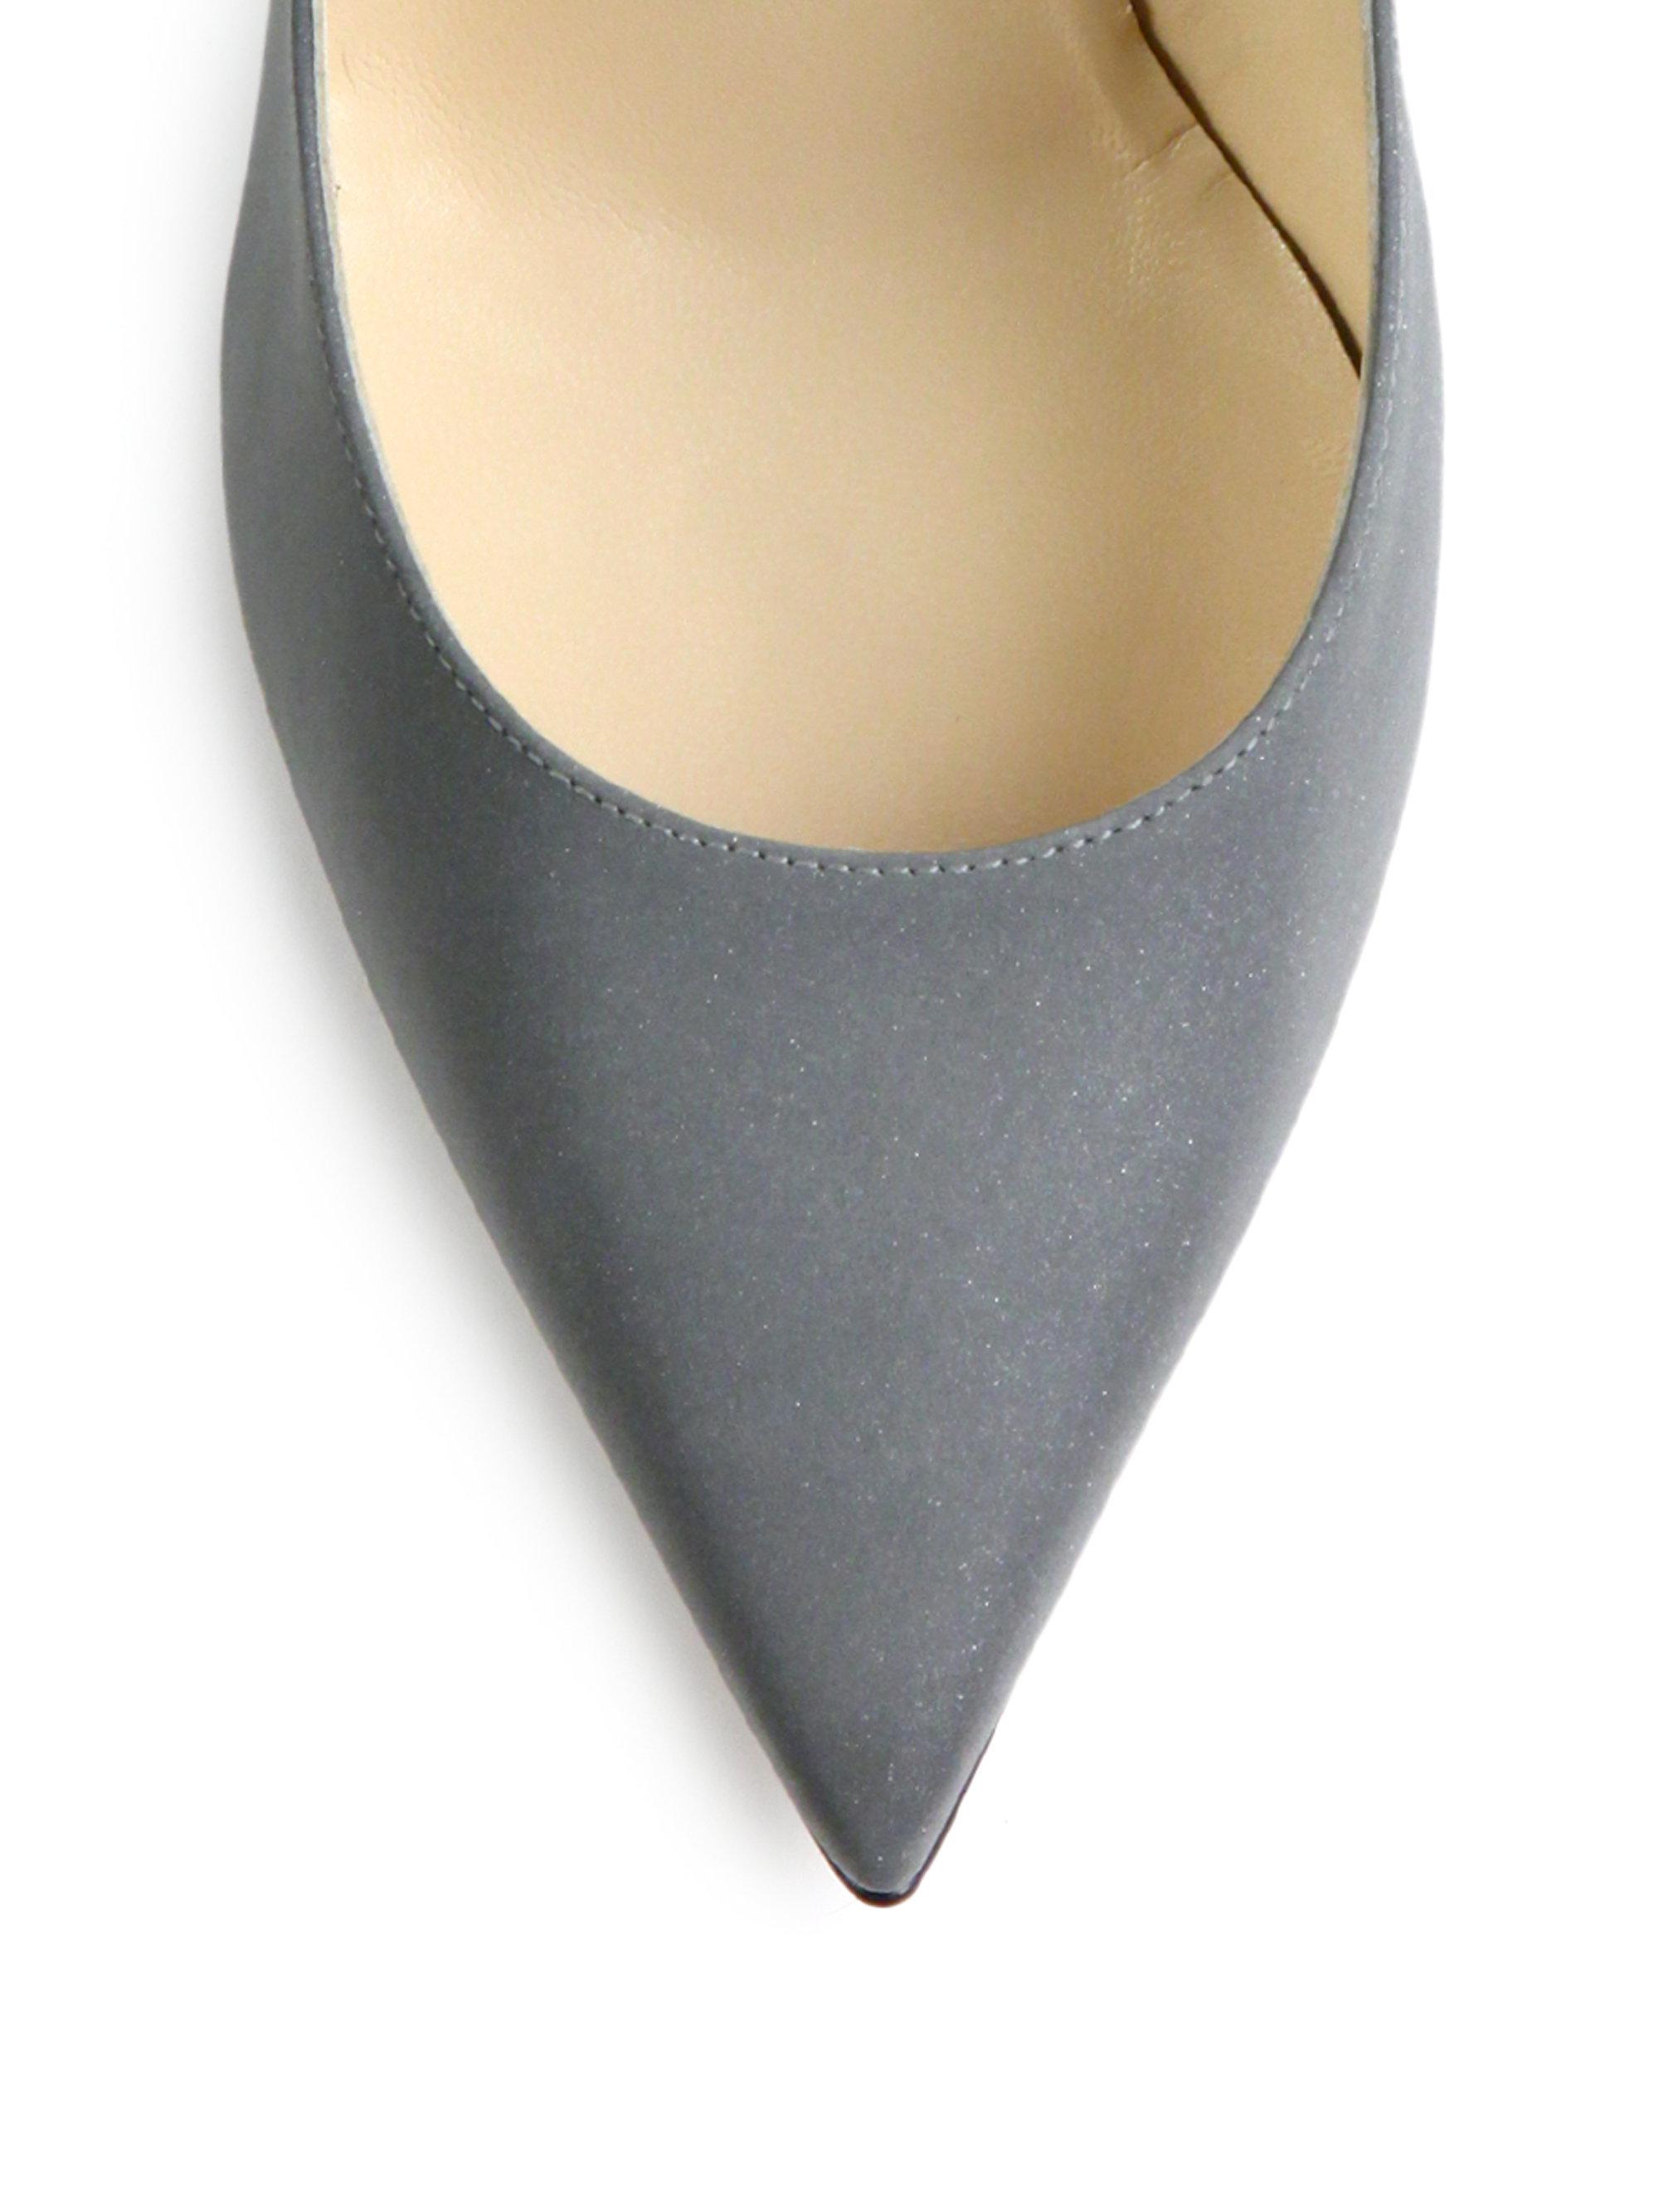 b16bb7f39b1 Lyst - Jimmy Choo Anouk Fabric Point-toe Pumps in Gray